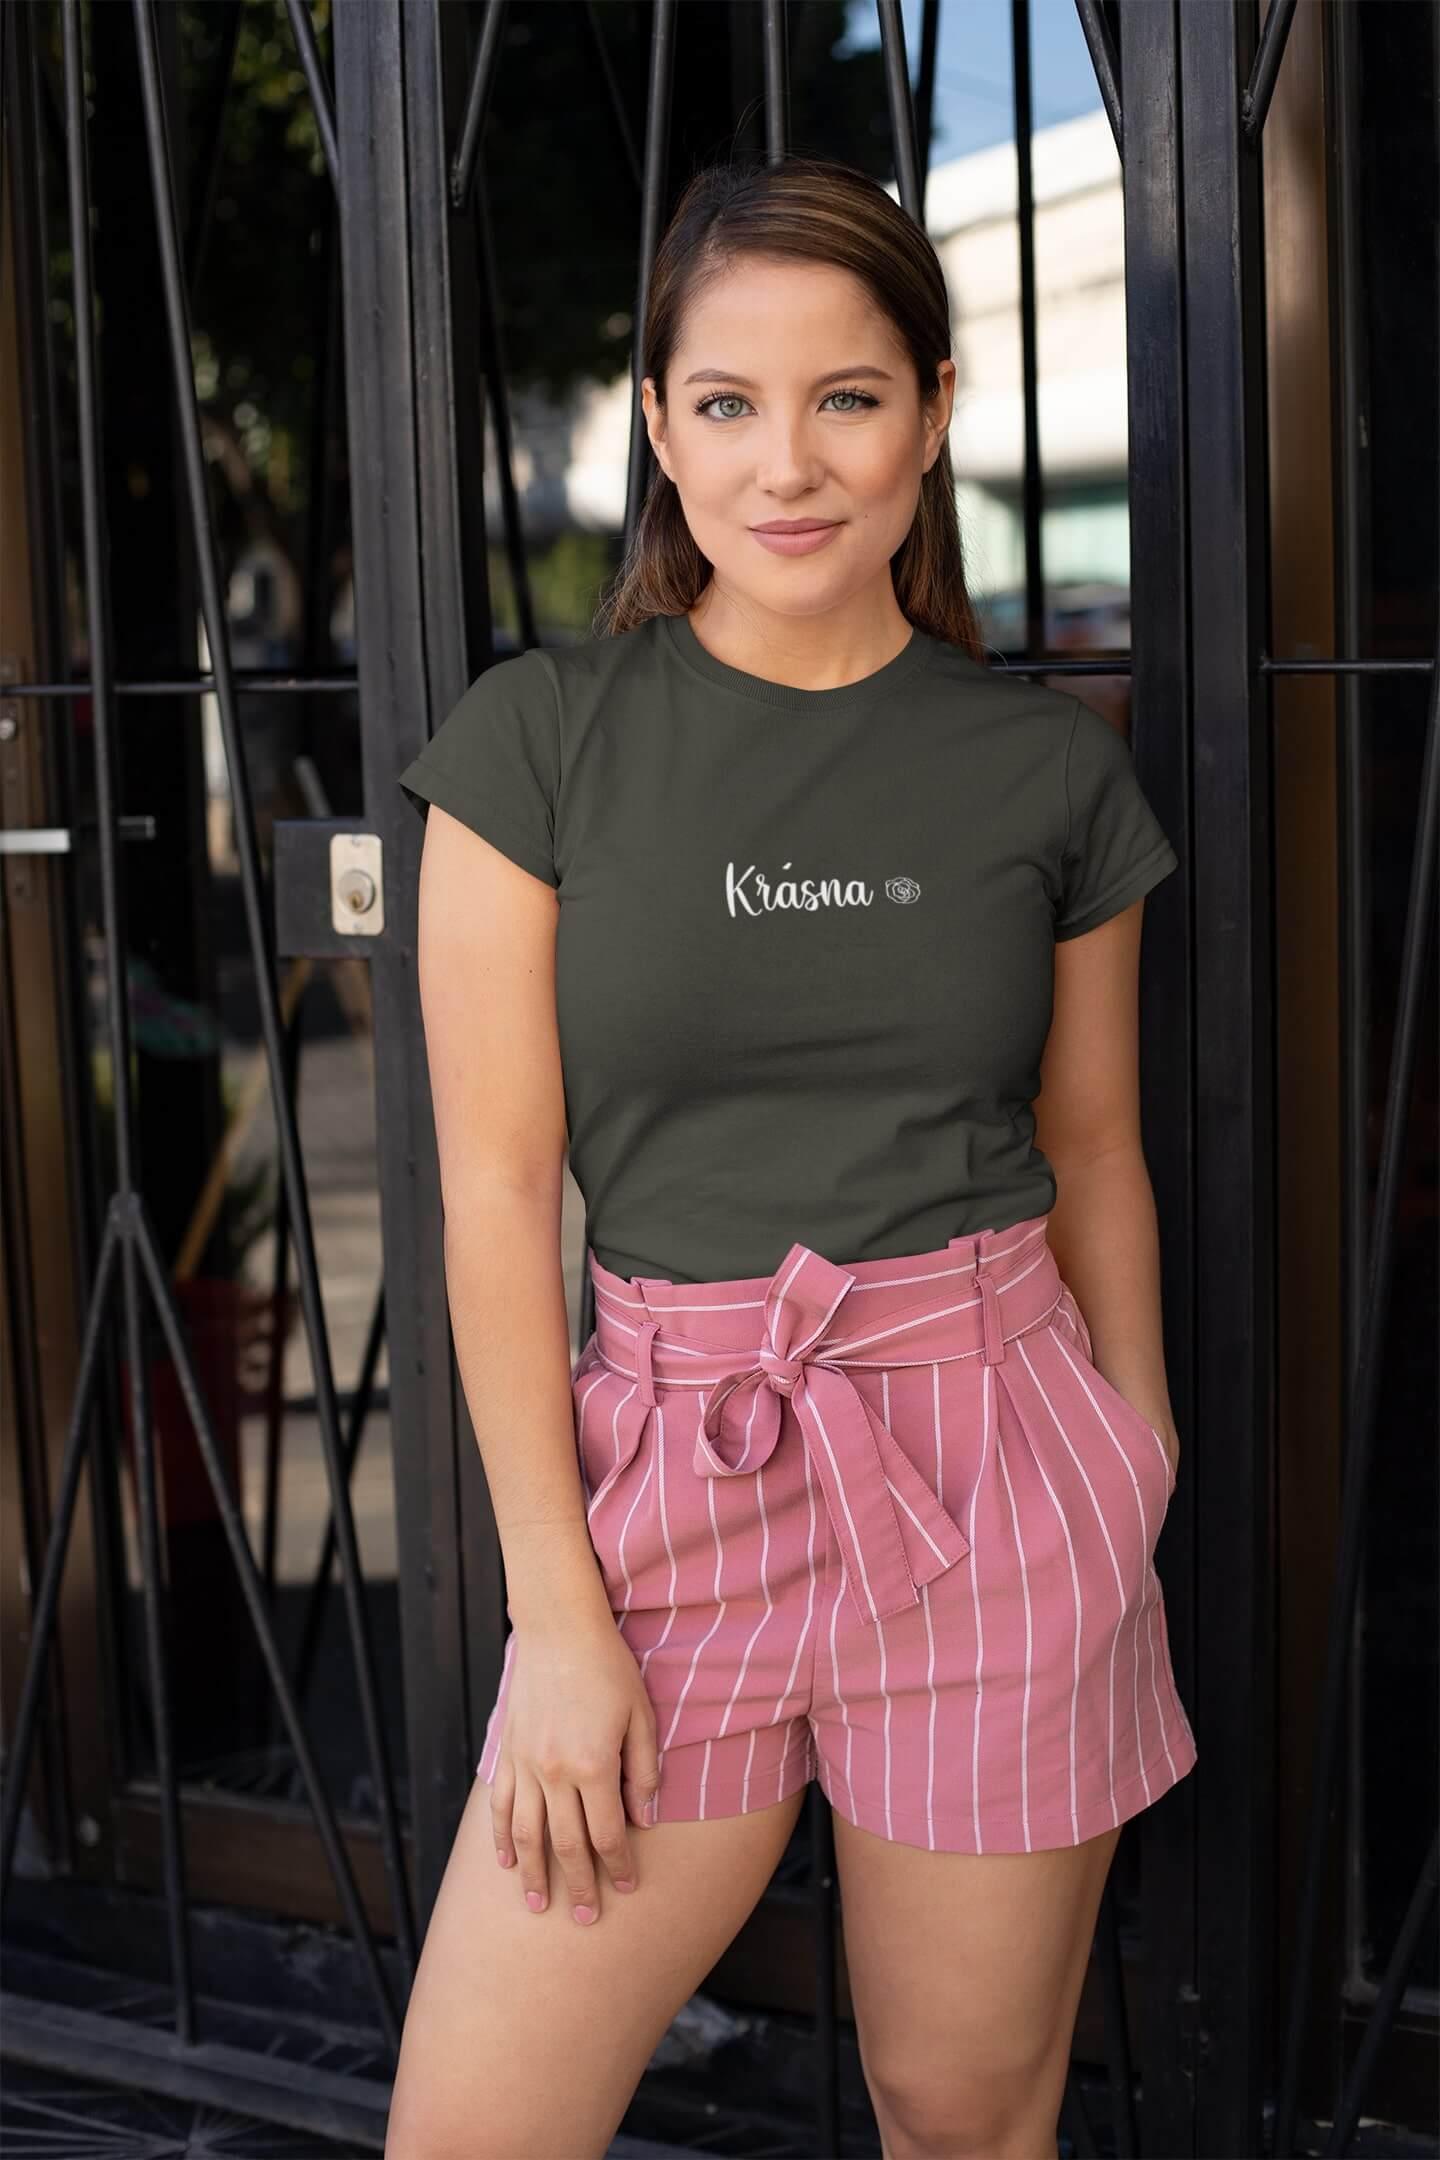 MMO Dámske tričko Krásna Vyberte farbu: Červená, Dámska veľkosť: S